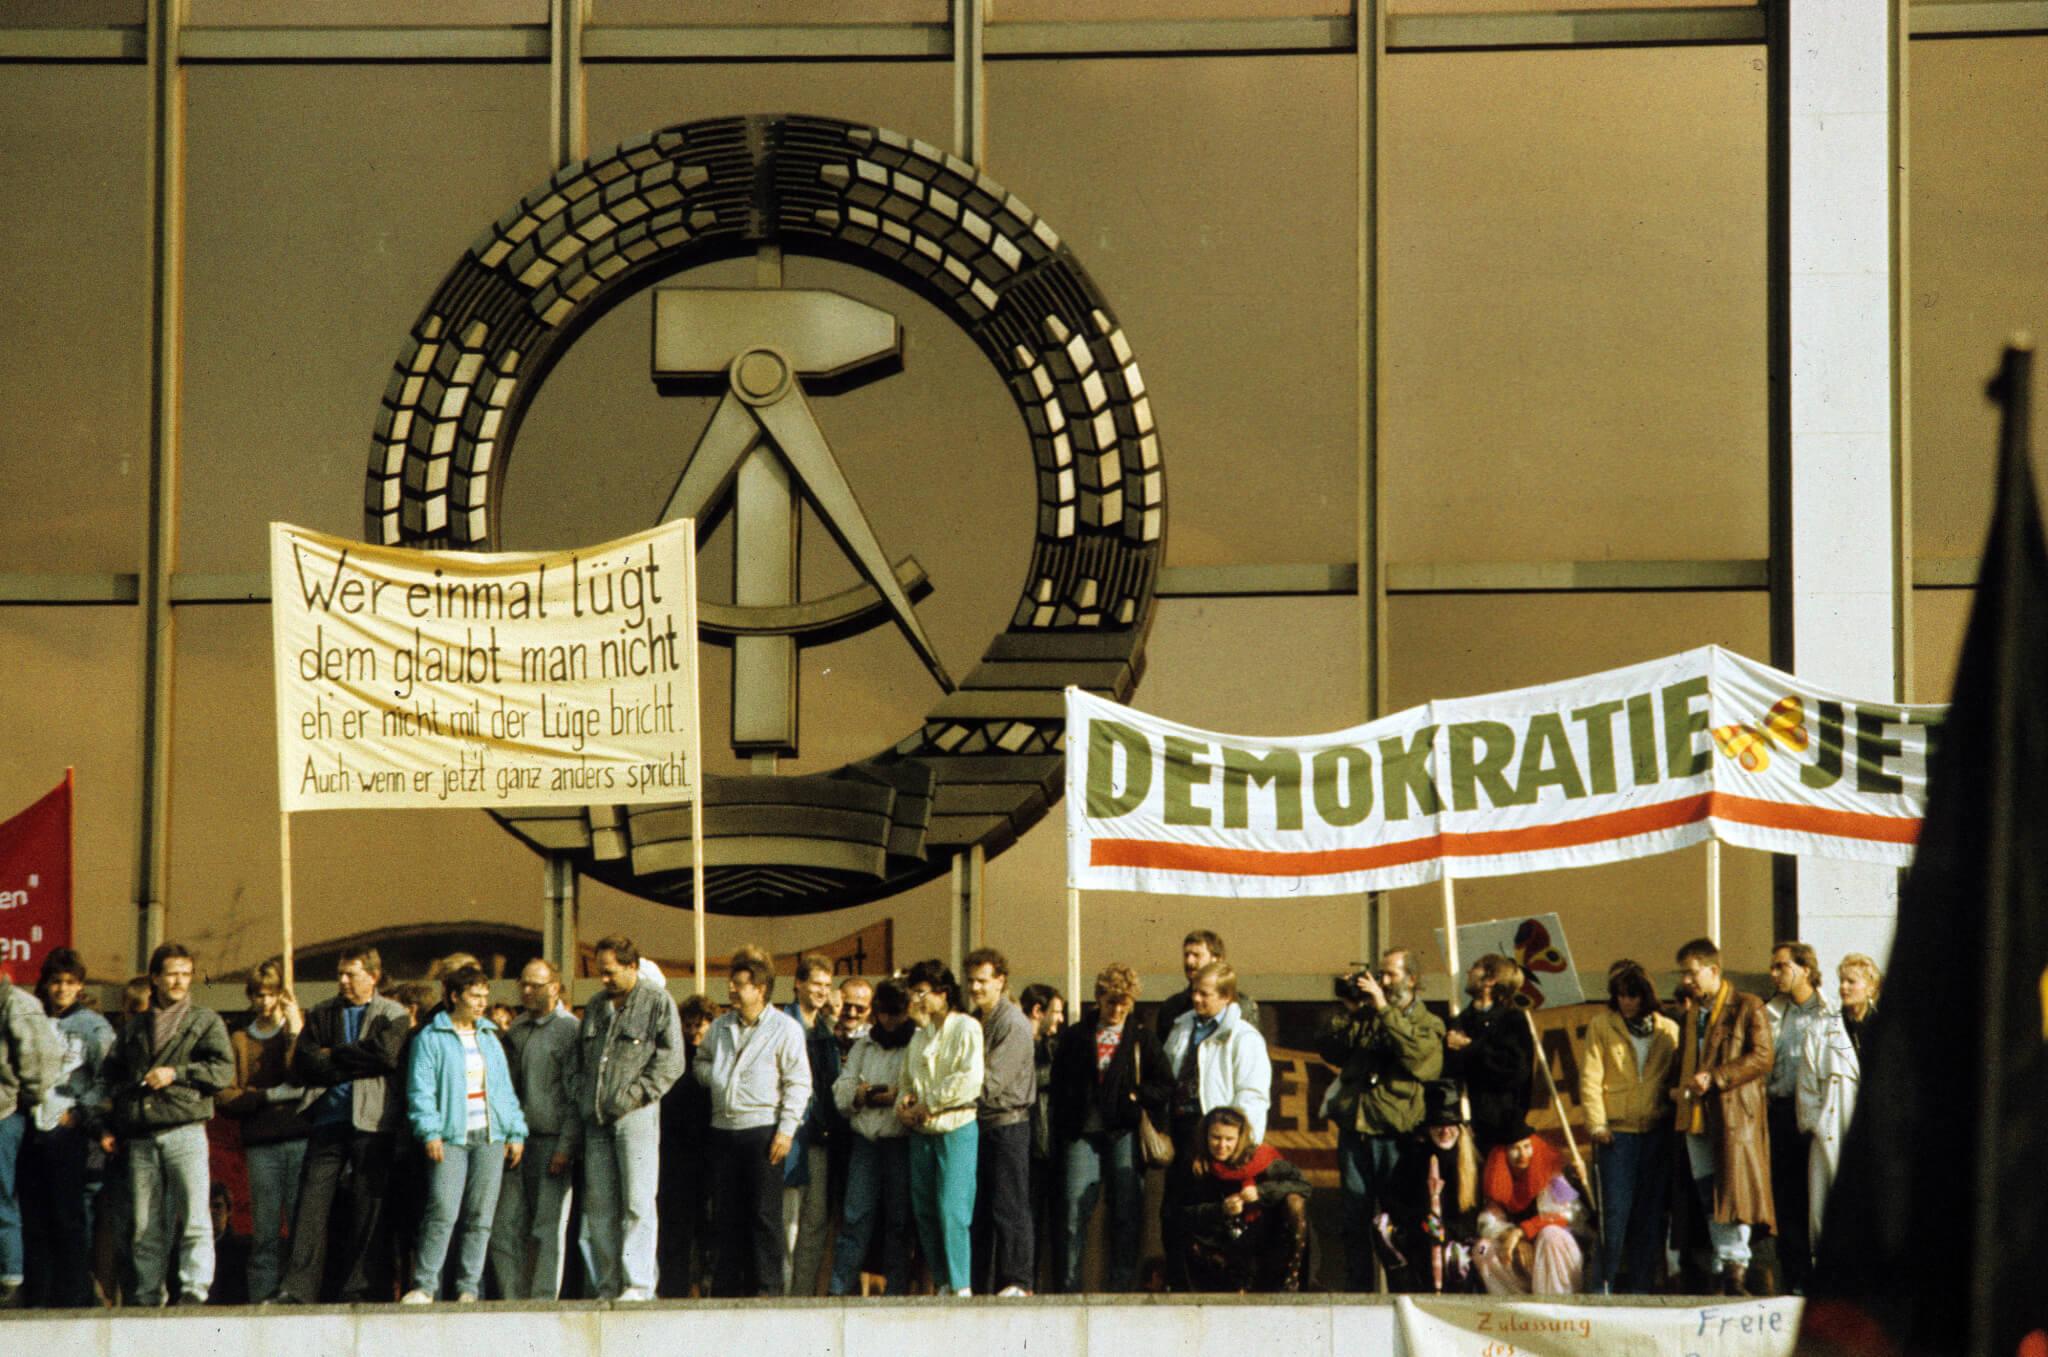 1989年11月4日,成千上萬的人聚集在柏林亞歷山大廣場周圍的街道上,為德意志民主共和國變革而遊行,在共和國宮(德語:Palast der Republik)橫幅上寫着:「一次說謊,永遠說謊……」和「民主」。(圖片:法新社)